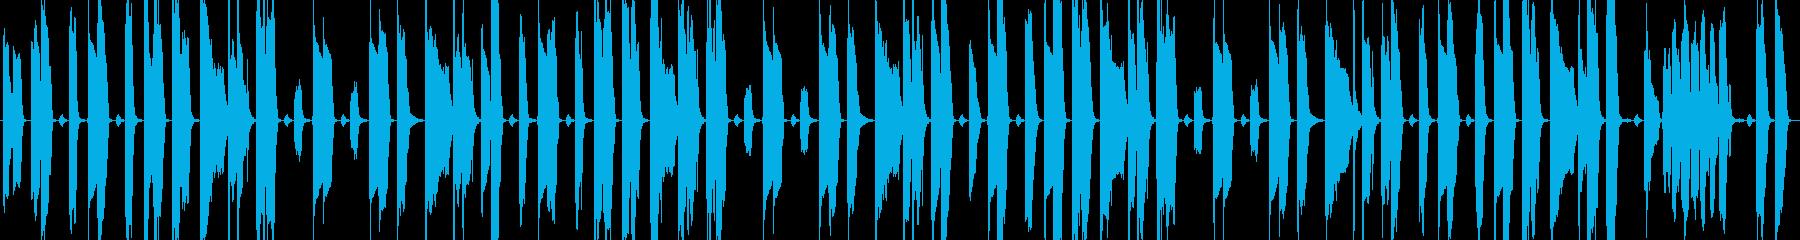 【ループ対応】コミカル&日常的な楽曲の再生済みの波形